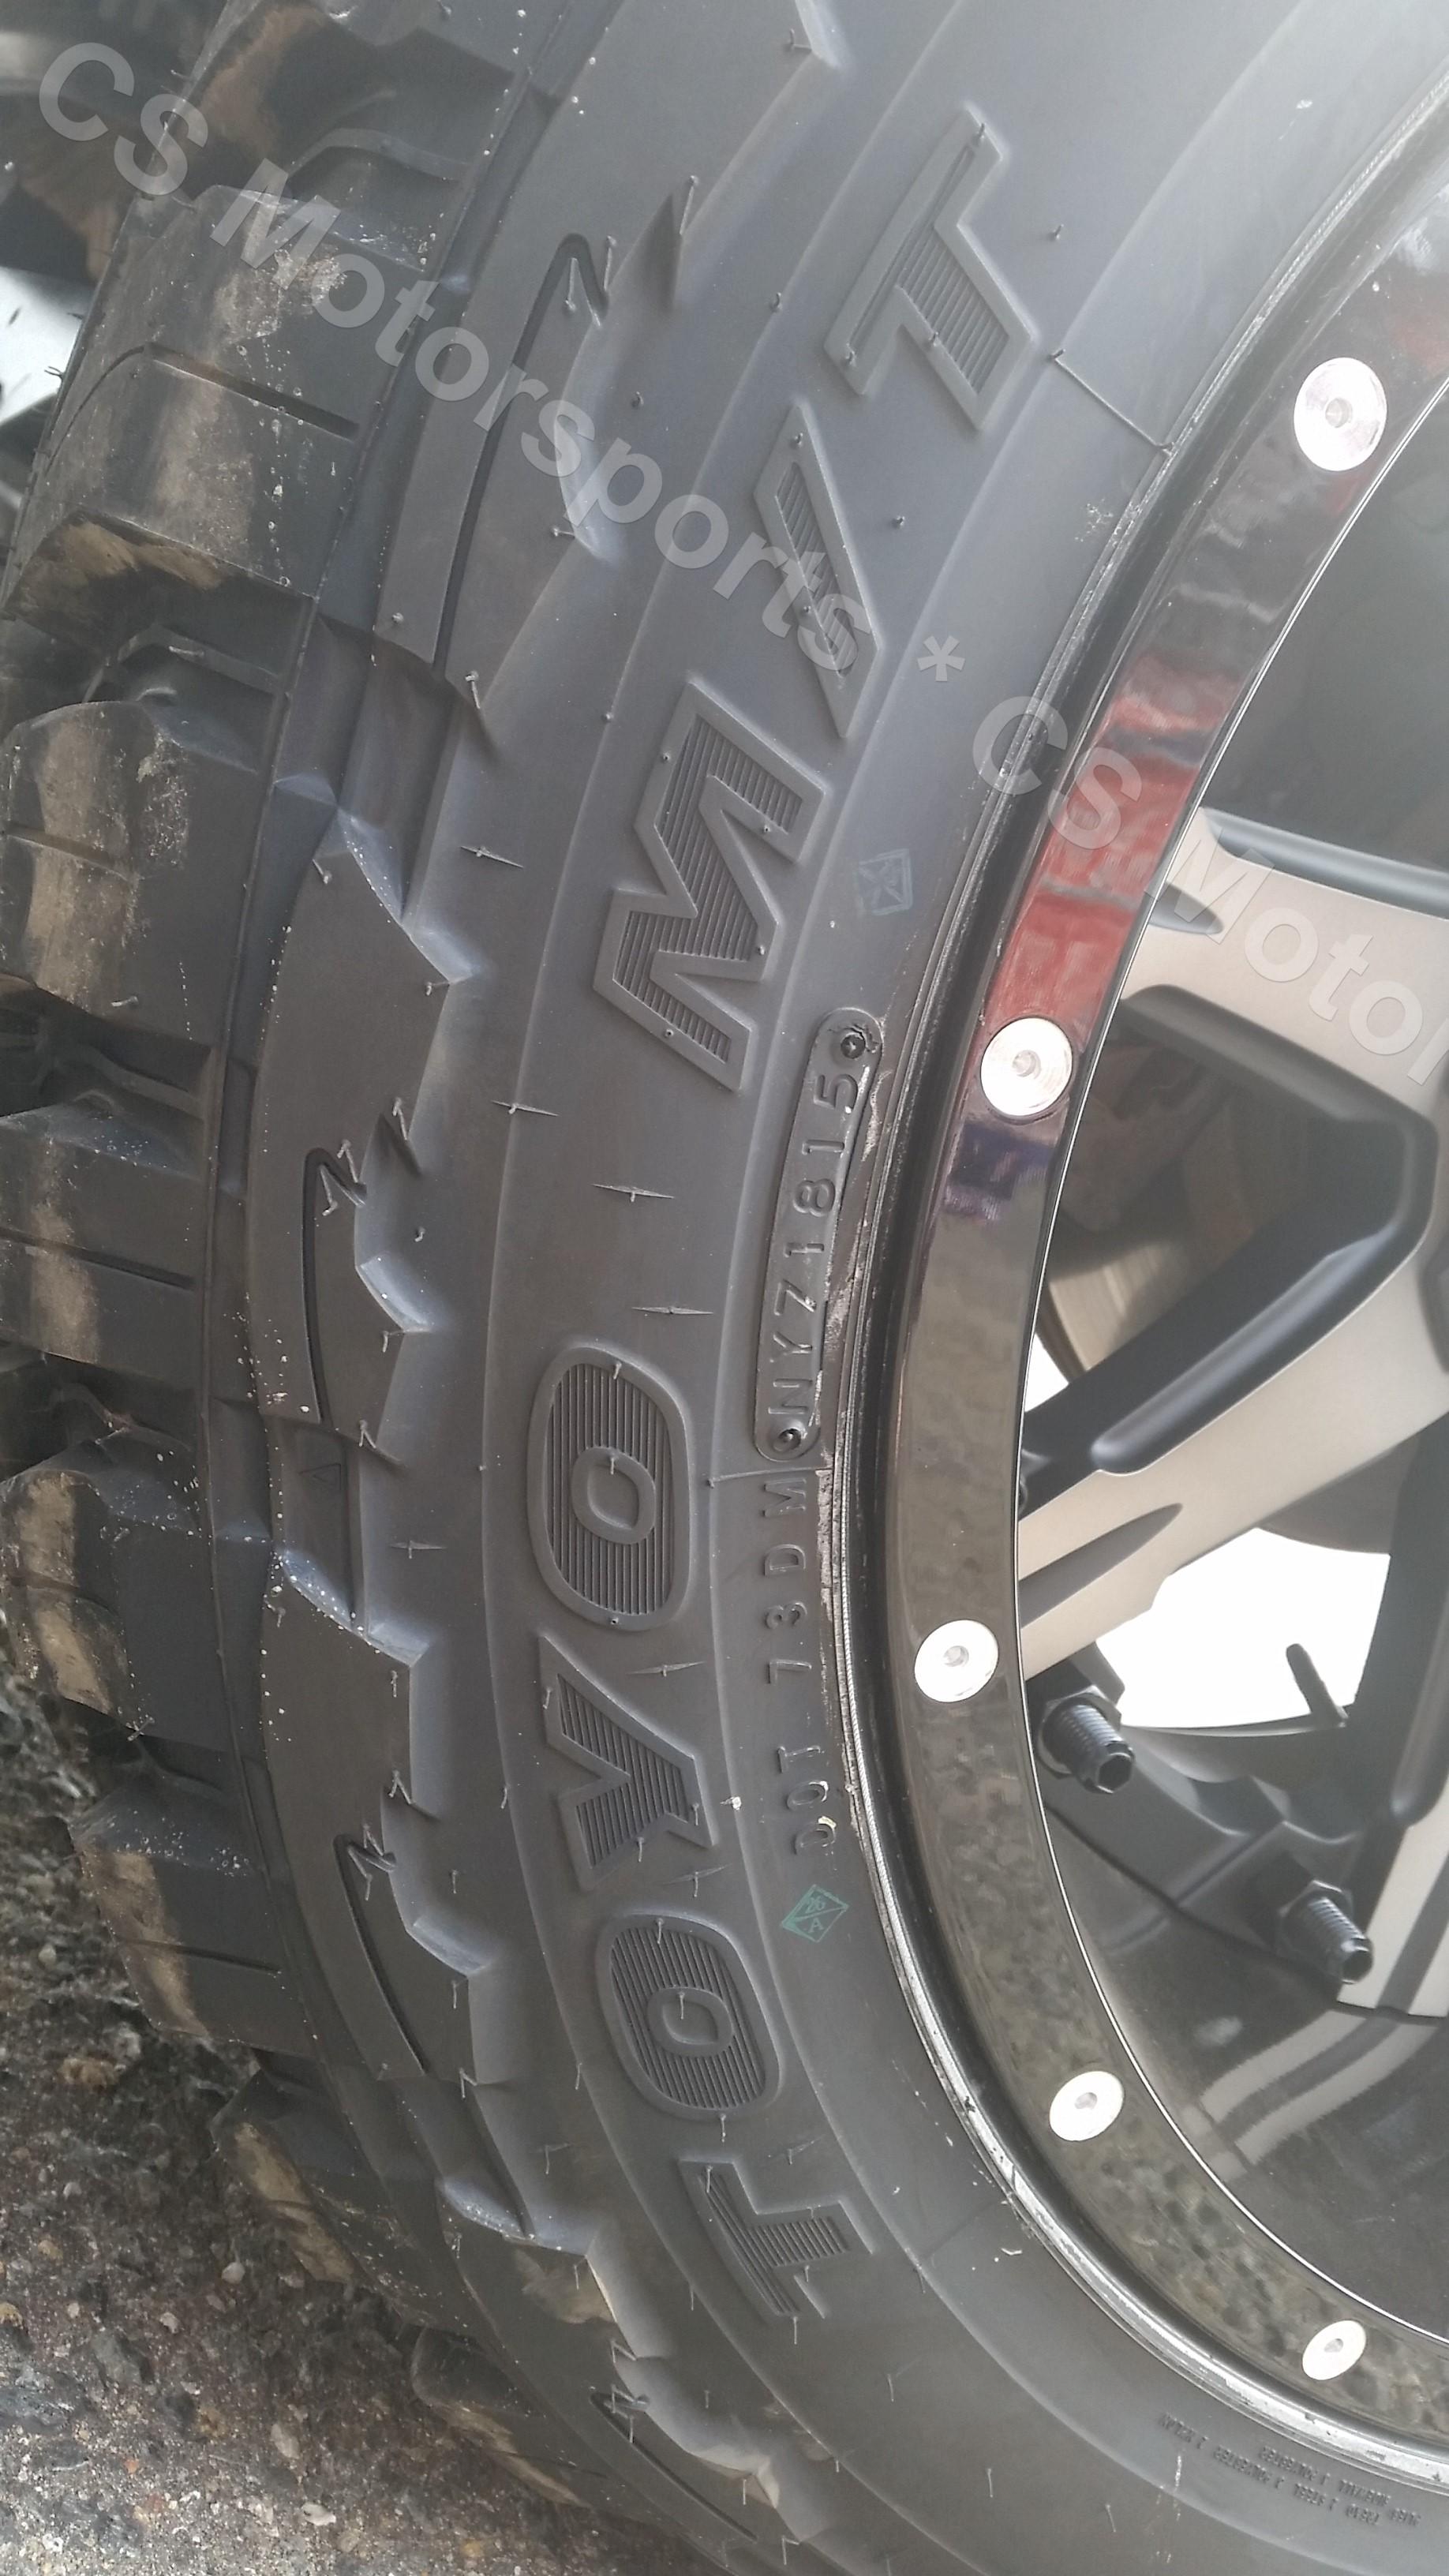 2014 Chevy Silverado 1500 (897)